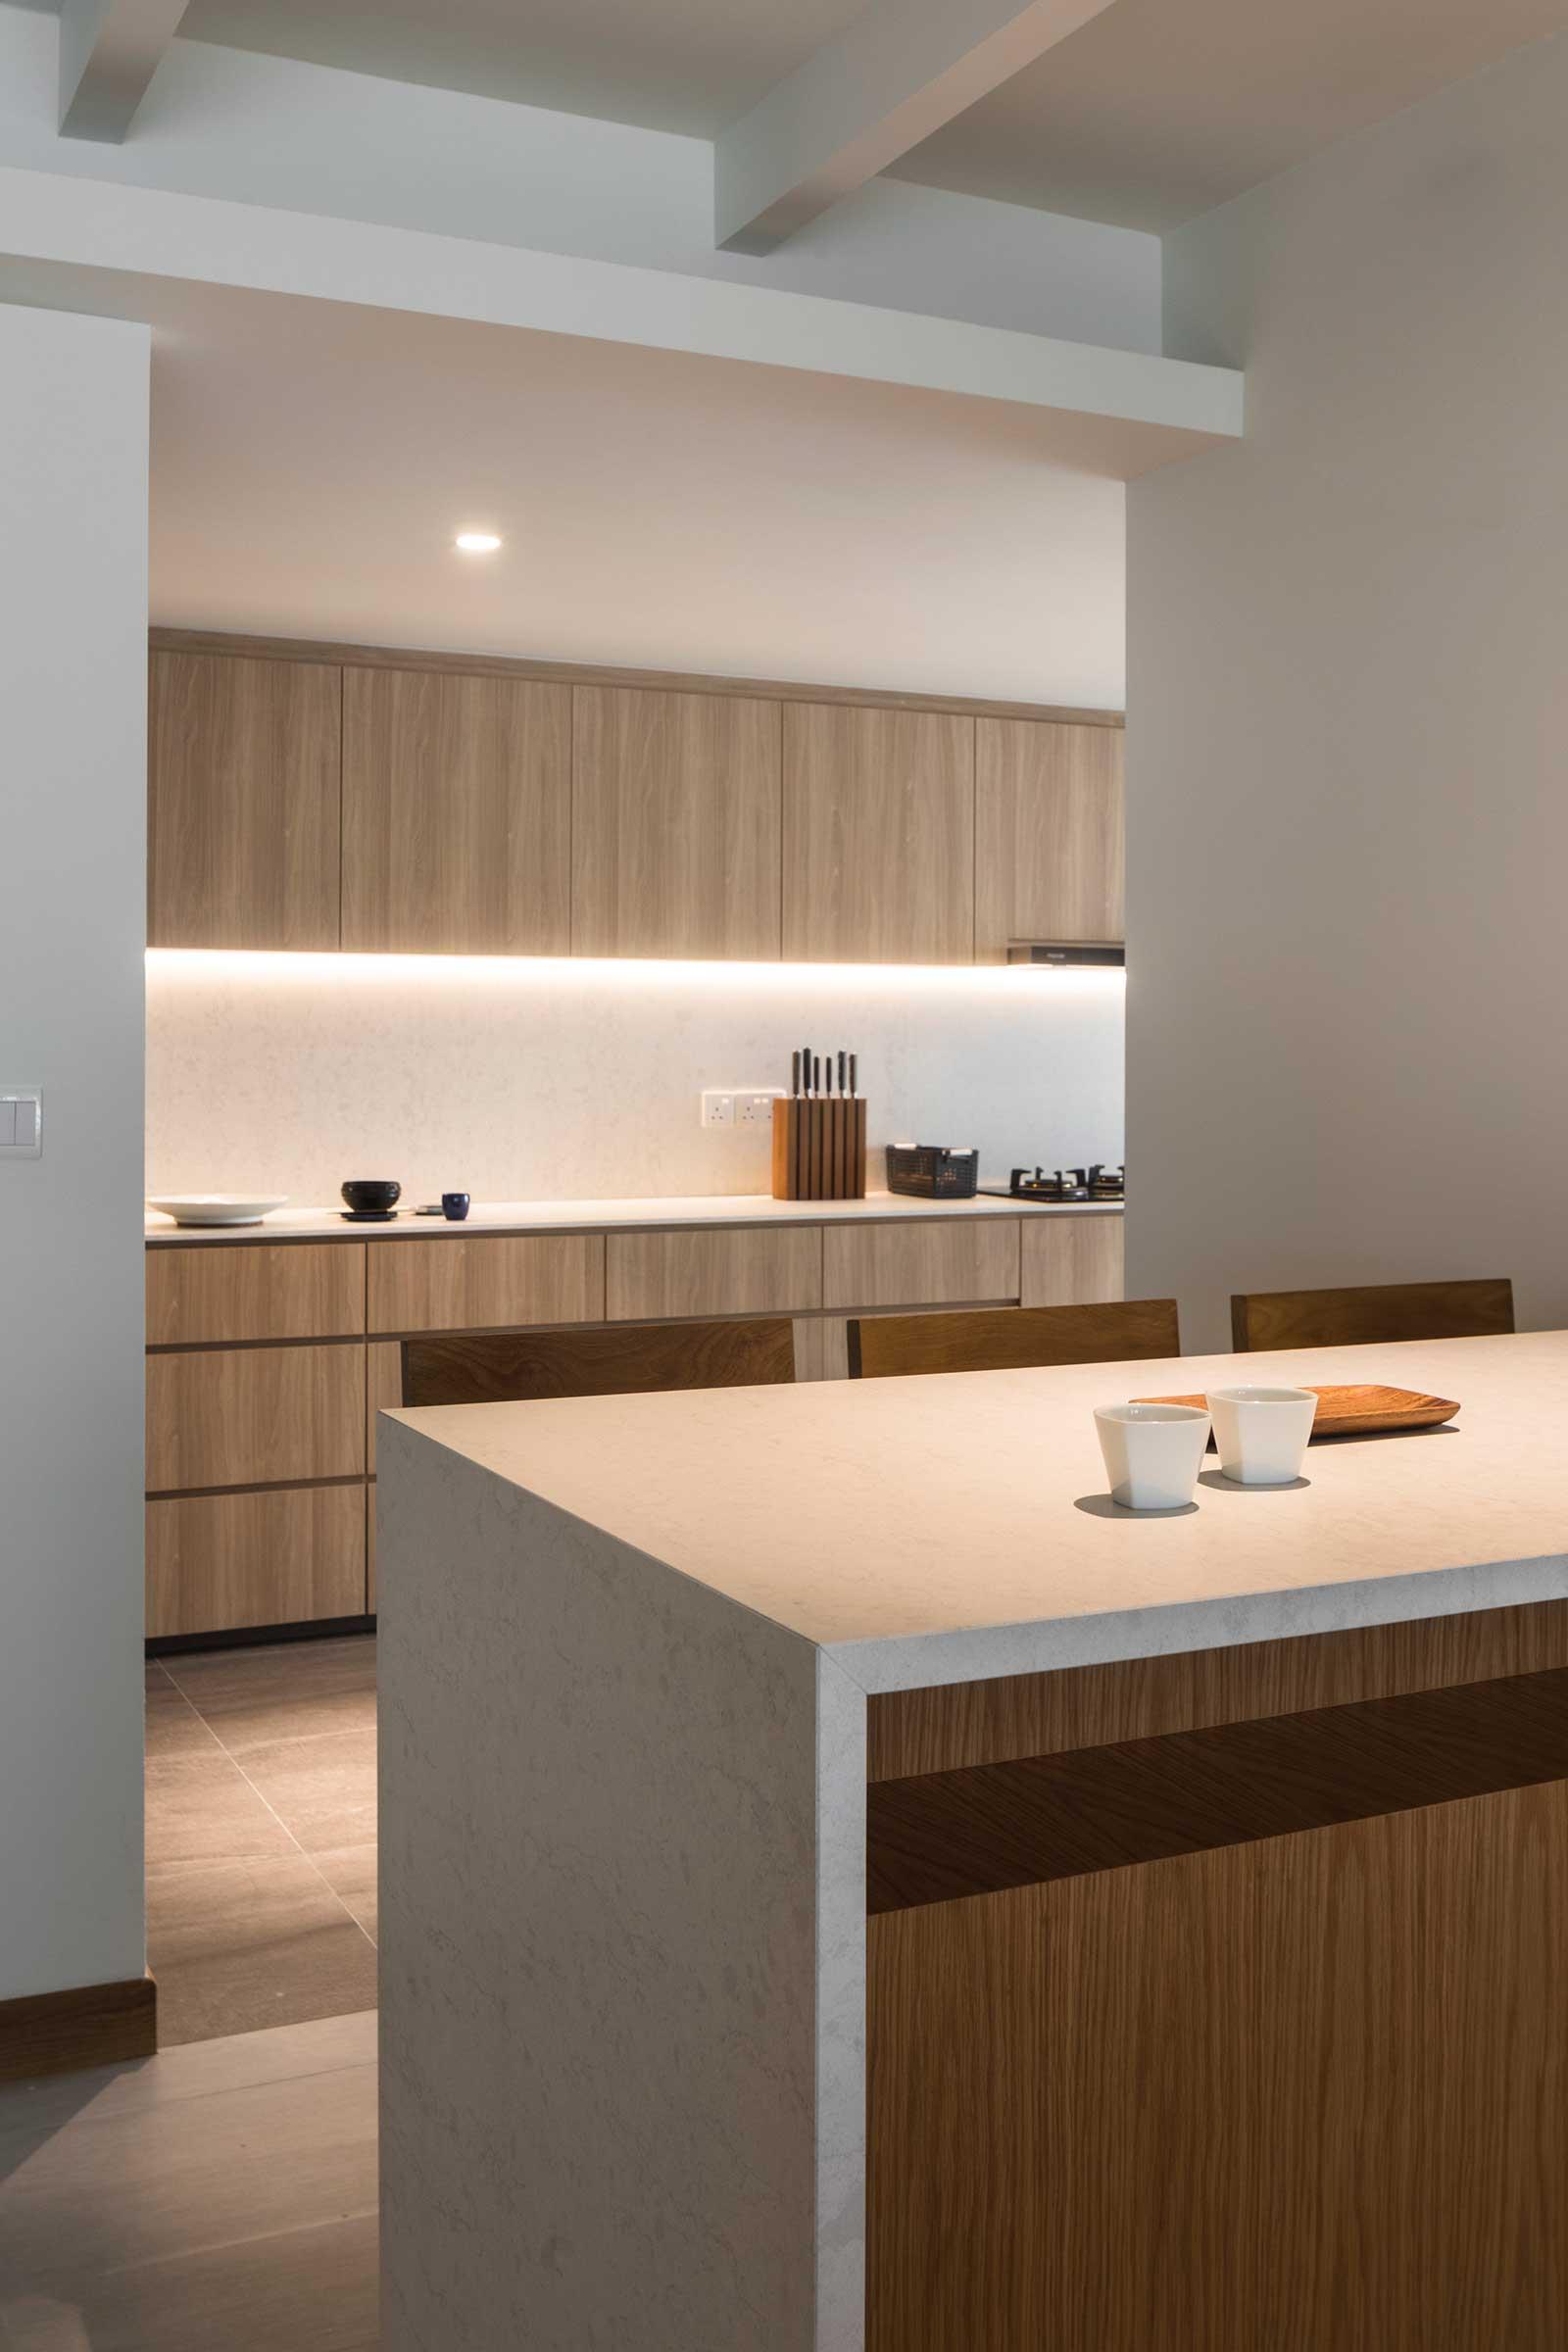 Bukit-Batok-West-Ave-6_Goy-Architects_55.jpg